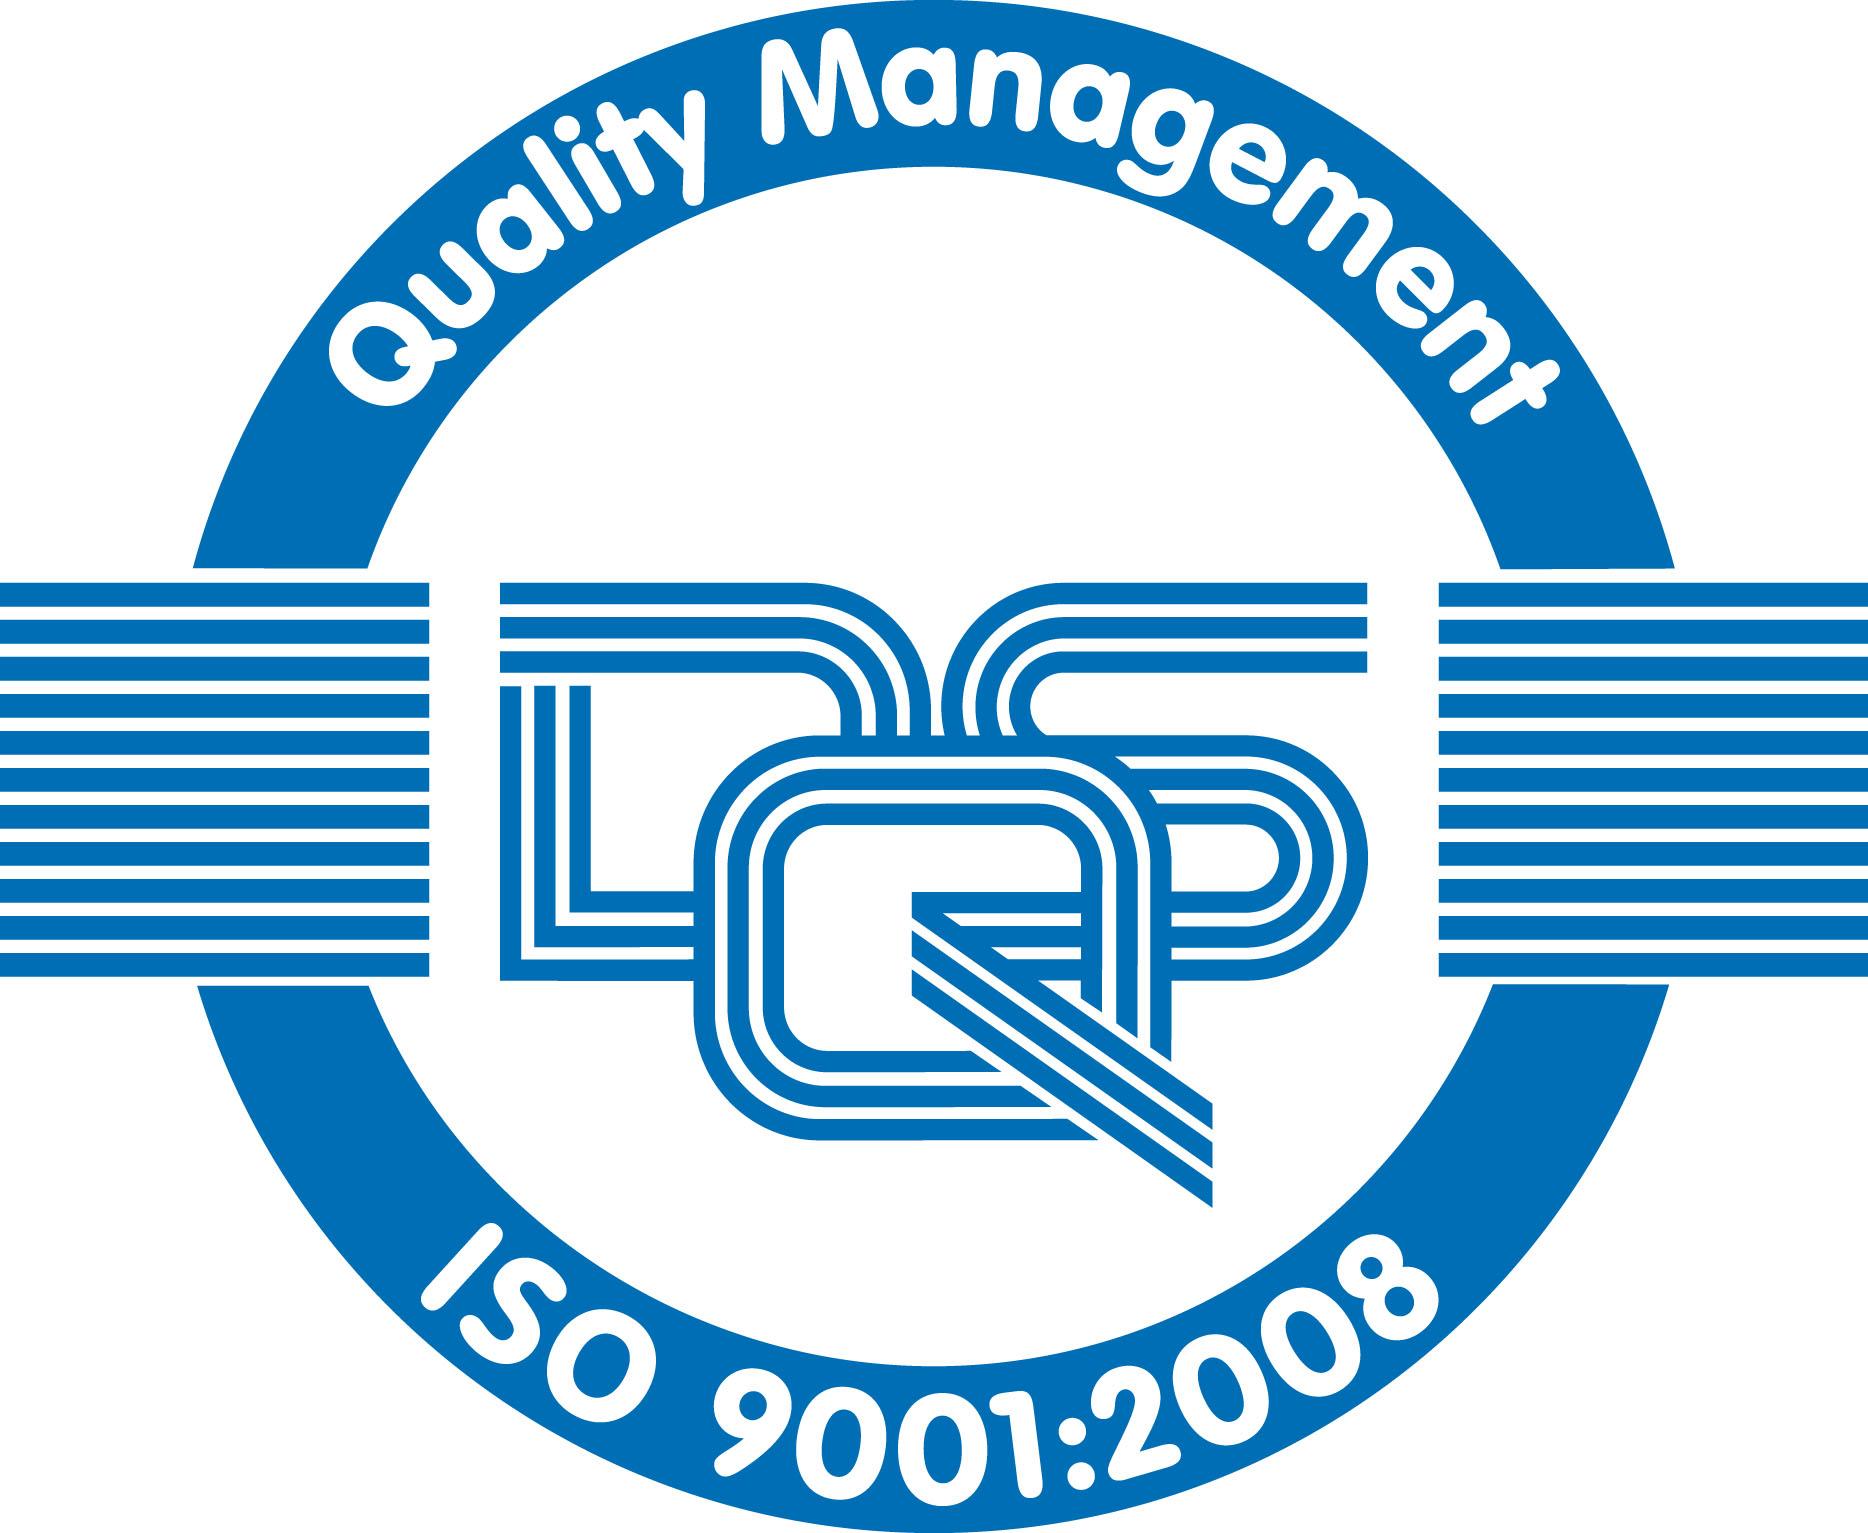 ISO_9001-2008_blue_1.jpg